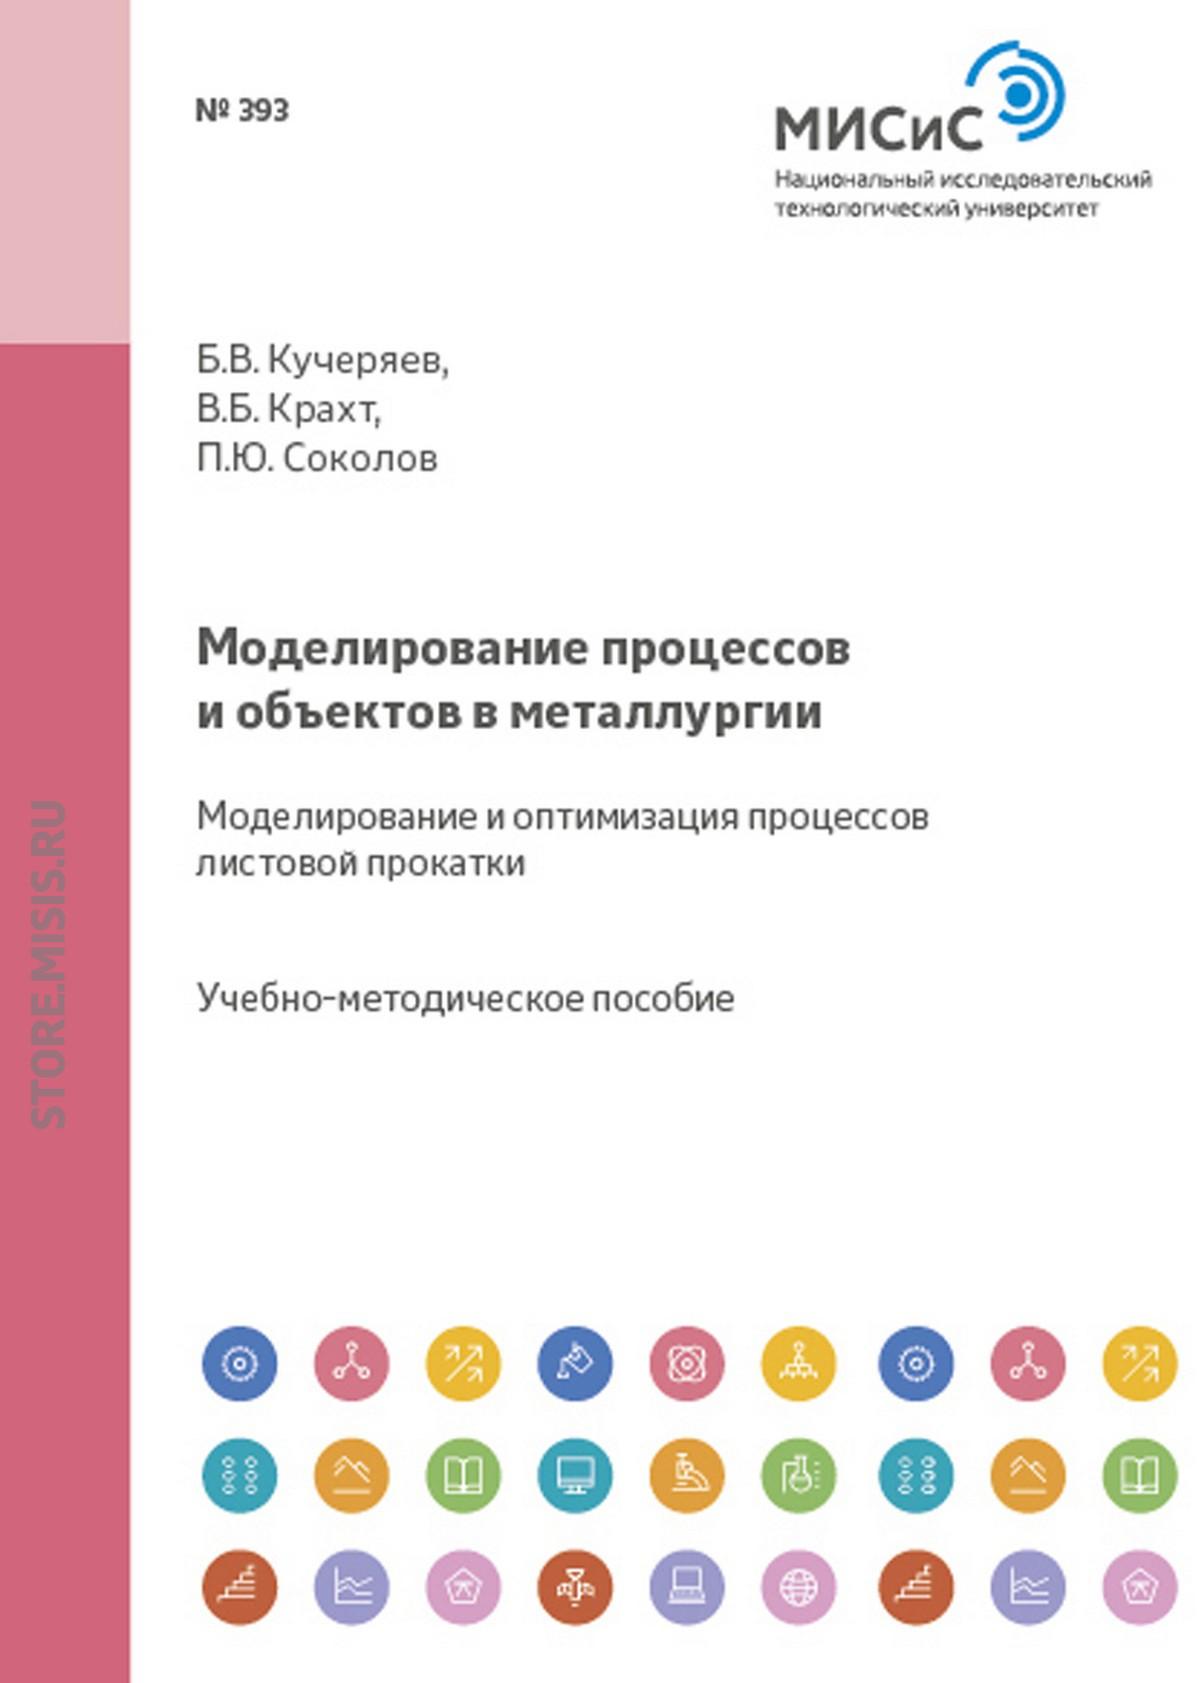 Борис Кучеряев Моделирование процессов и объектов в металлургии. Моделирование и оптимизация процессов листовой прокатки